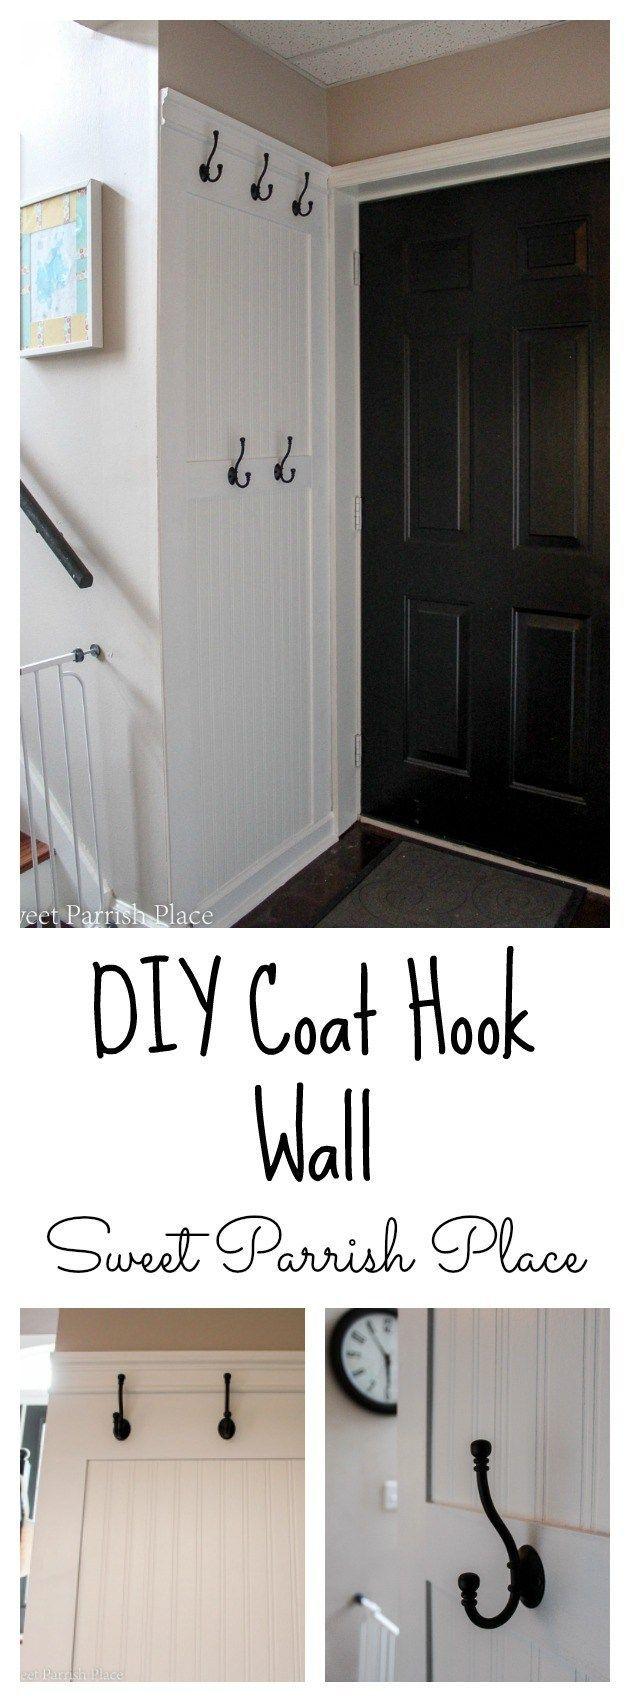 Best 25+ Diy coat hooks ideas on Pinterest | Entryway coat ...